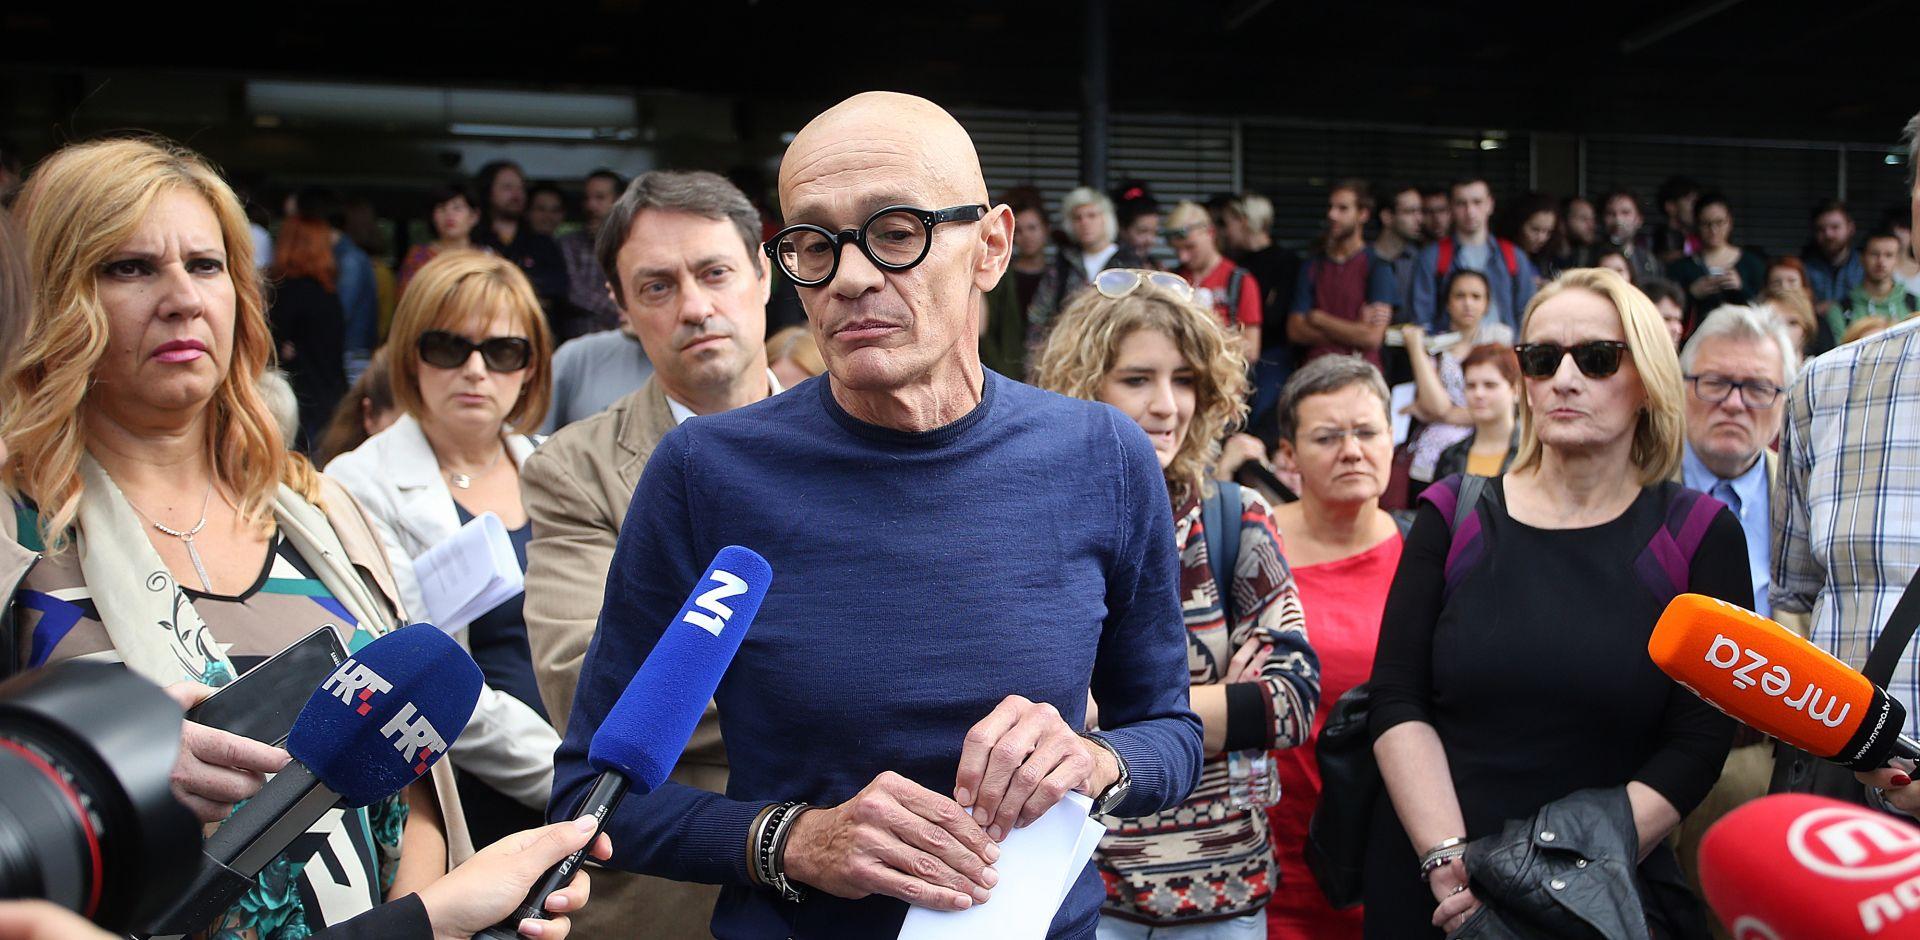 FFZG: Sjednicu Fakultetskog vijeća napustili oponenti dekana Previšića osporivši njezinu legitimnost